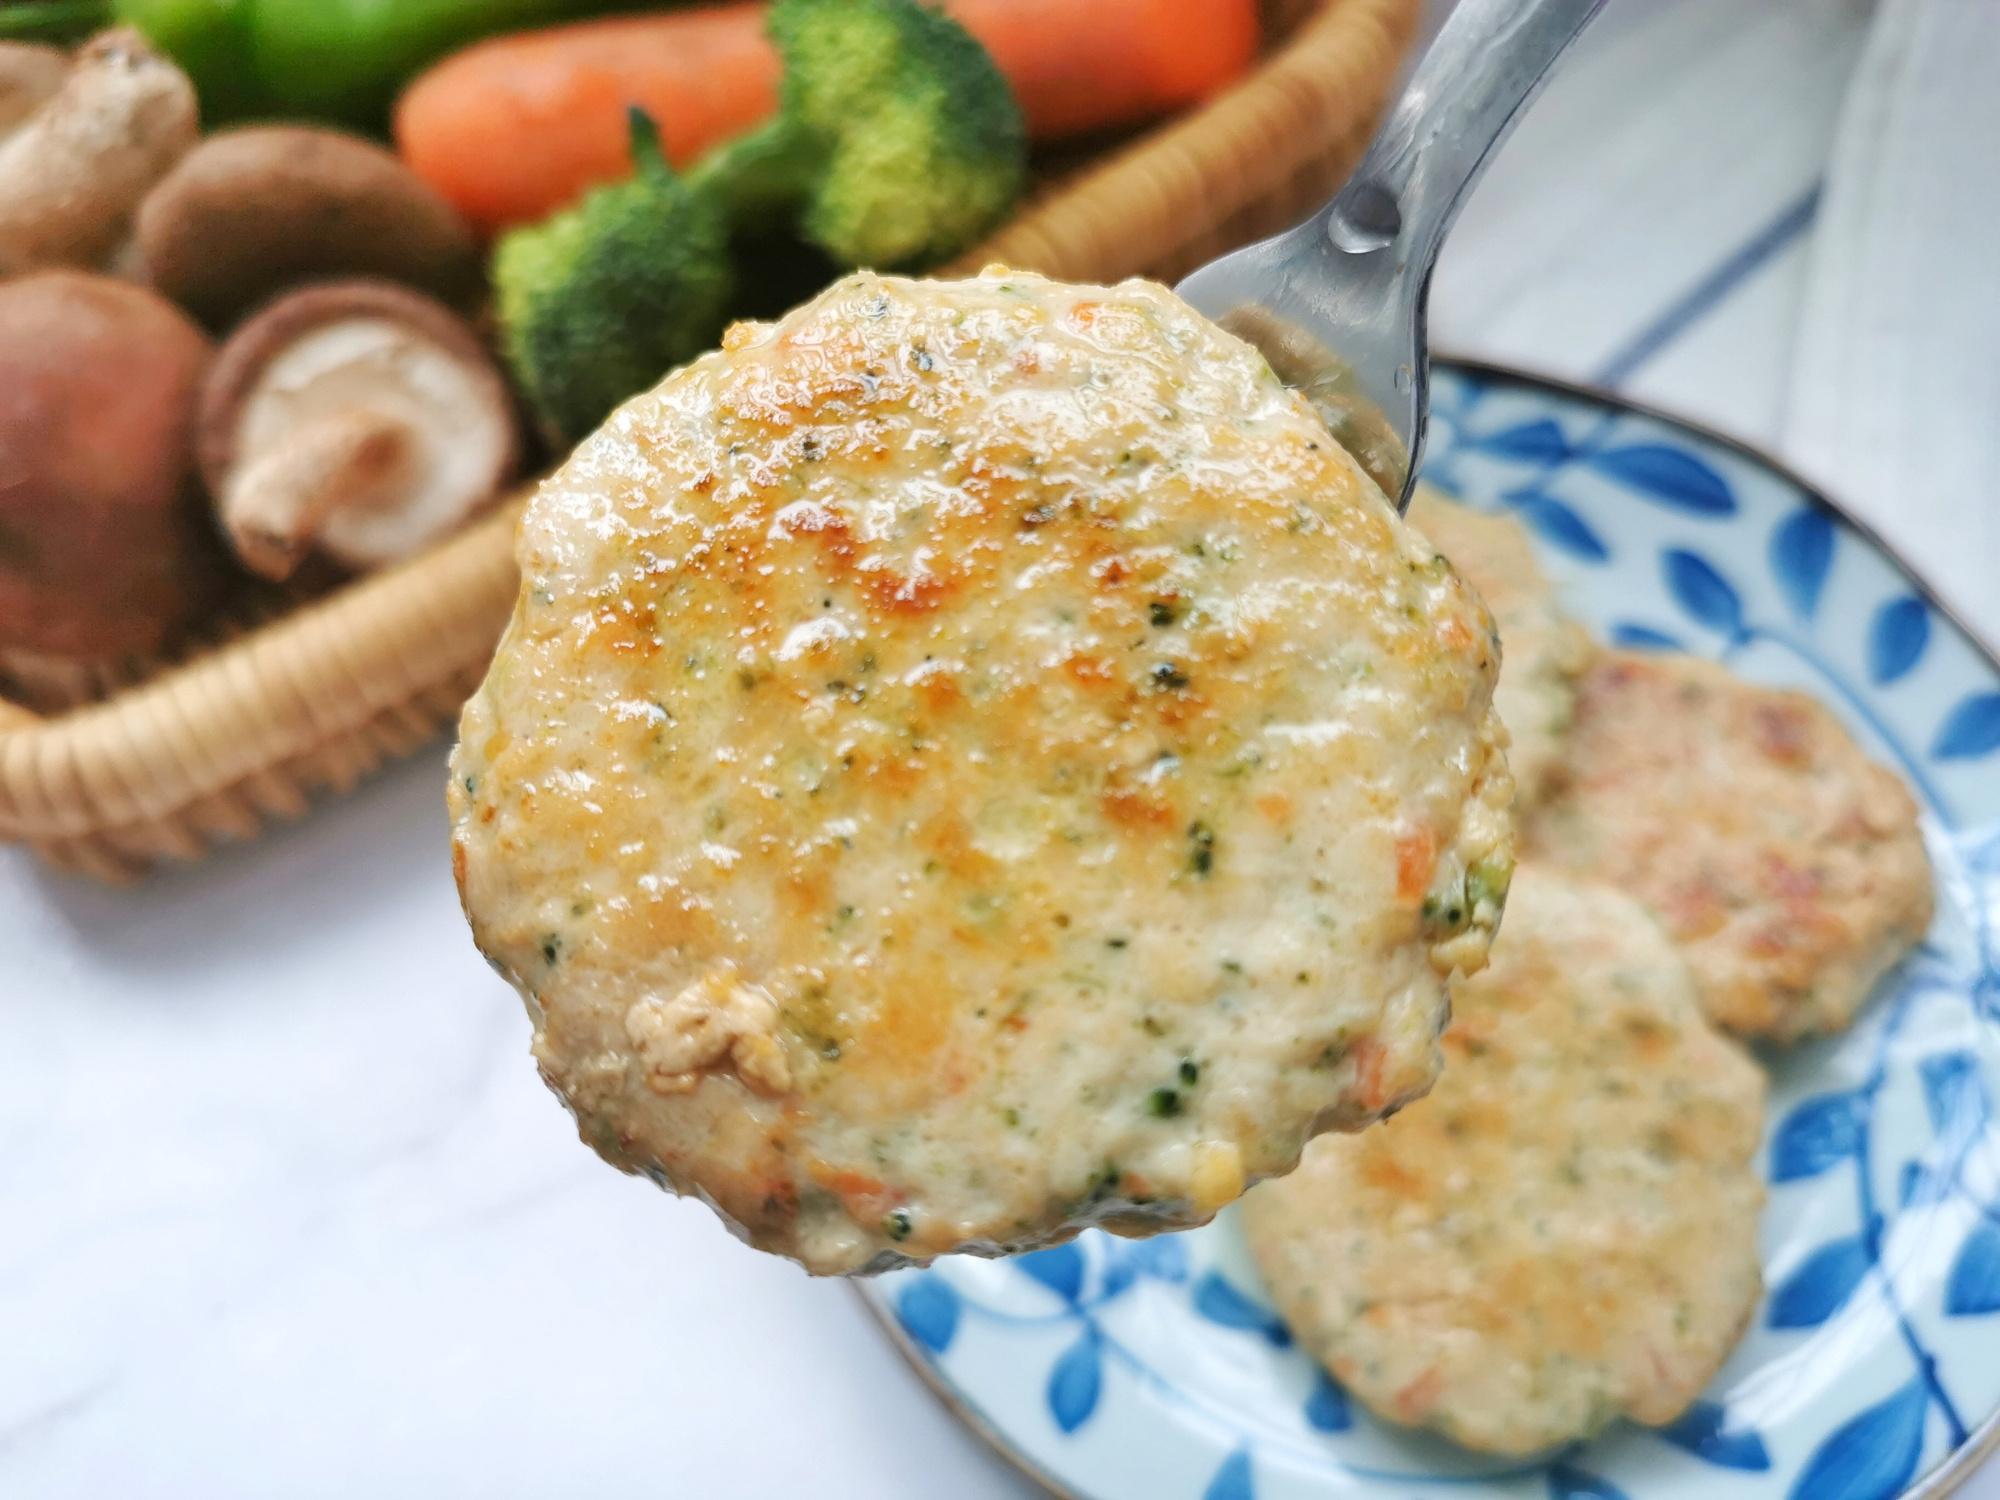 鸡胸肉别水煮,做成小饼低脂又解馋,口感不柴,早餐10分钟搞定